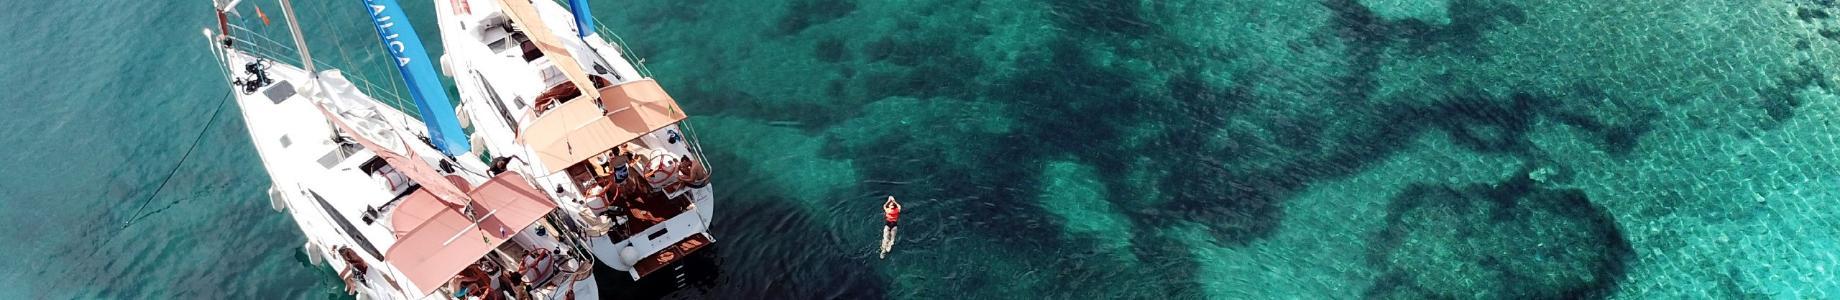 Яхтинг в Хорватии. Жизнерадостный дневник Sailica из поездки по местам Игры Престолов